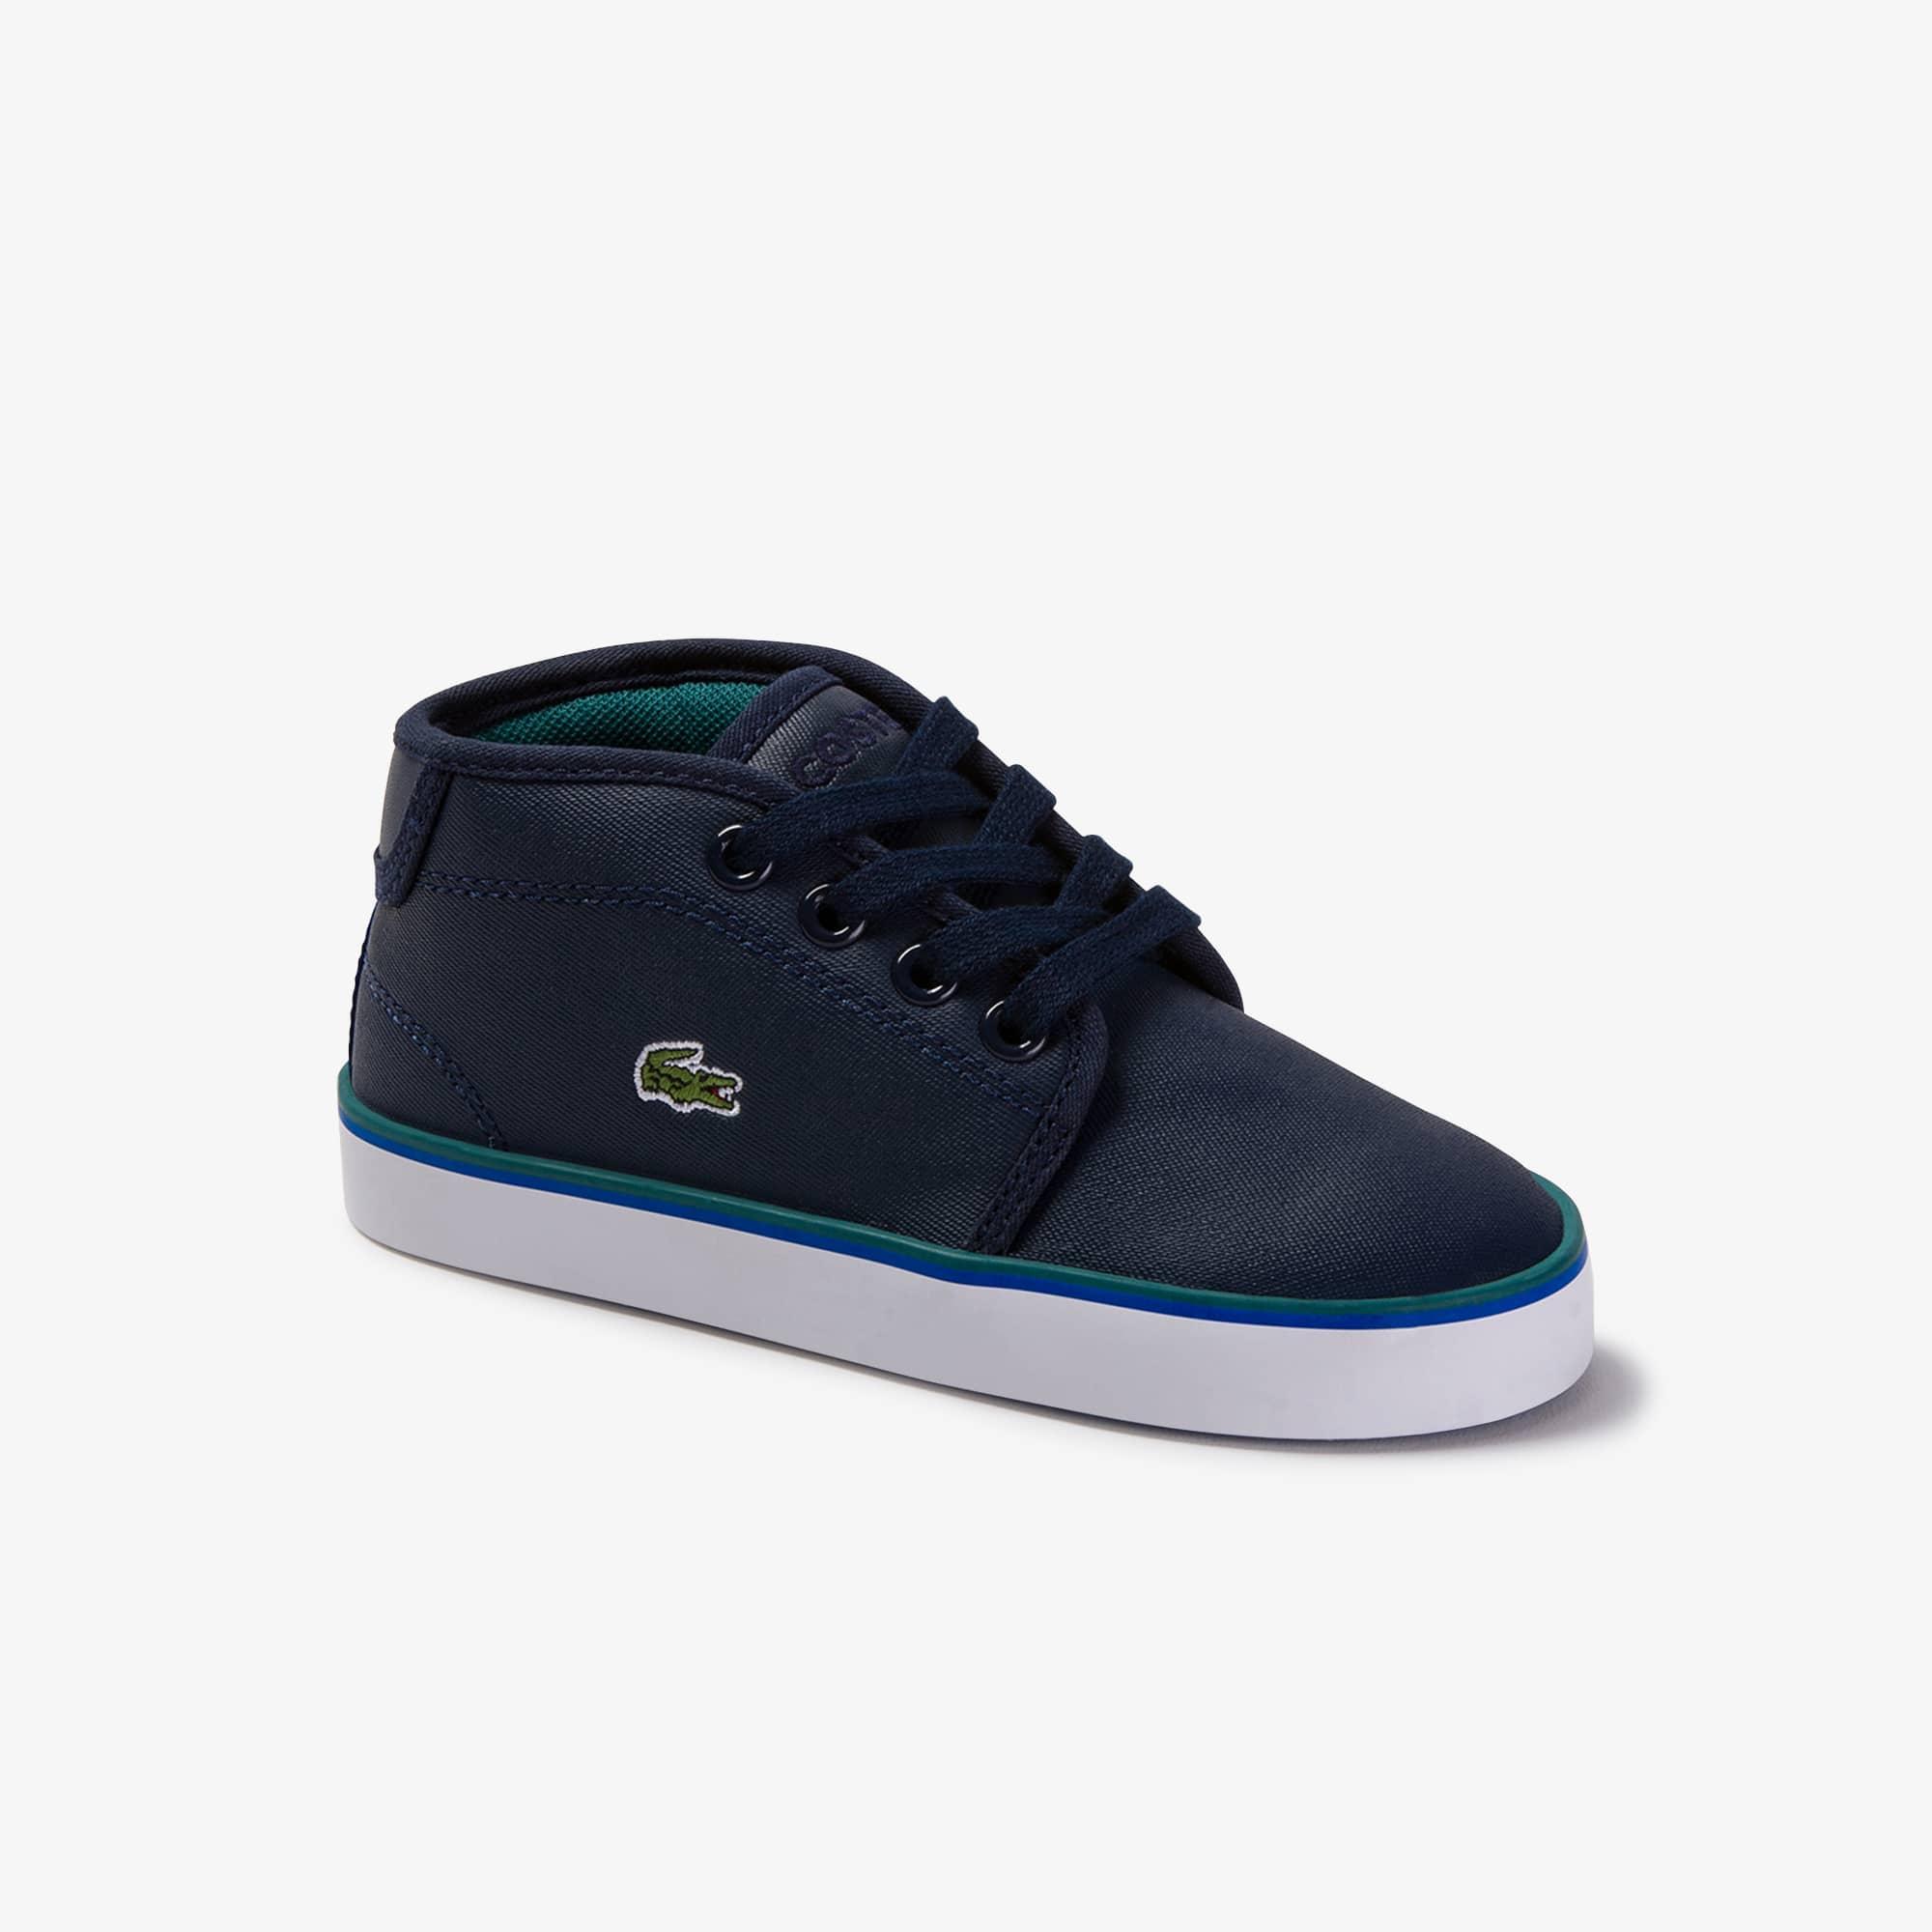 Lacoste Sneakers Ampthill bébé en synthétique Taille 21 Marine/vert